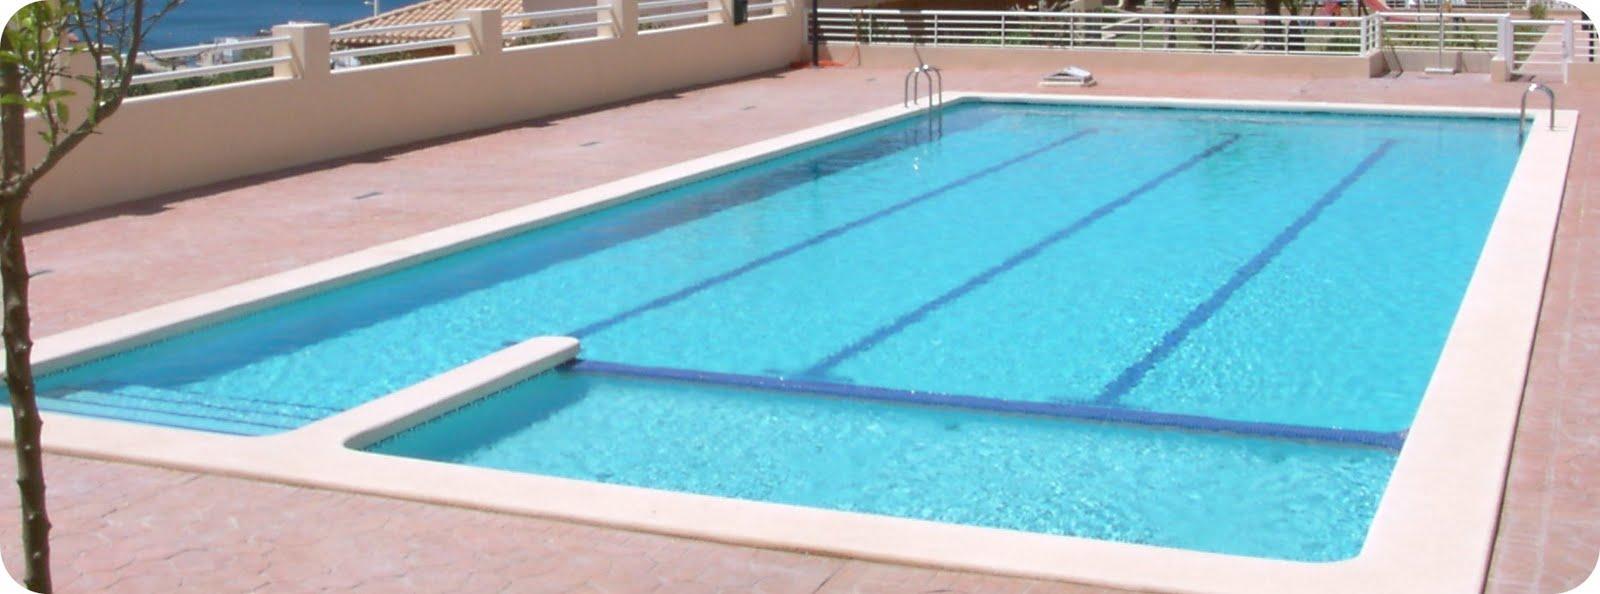 hvordan fylder man en svømmingpool